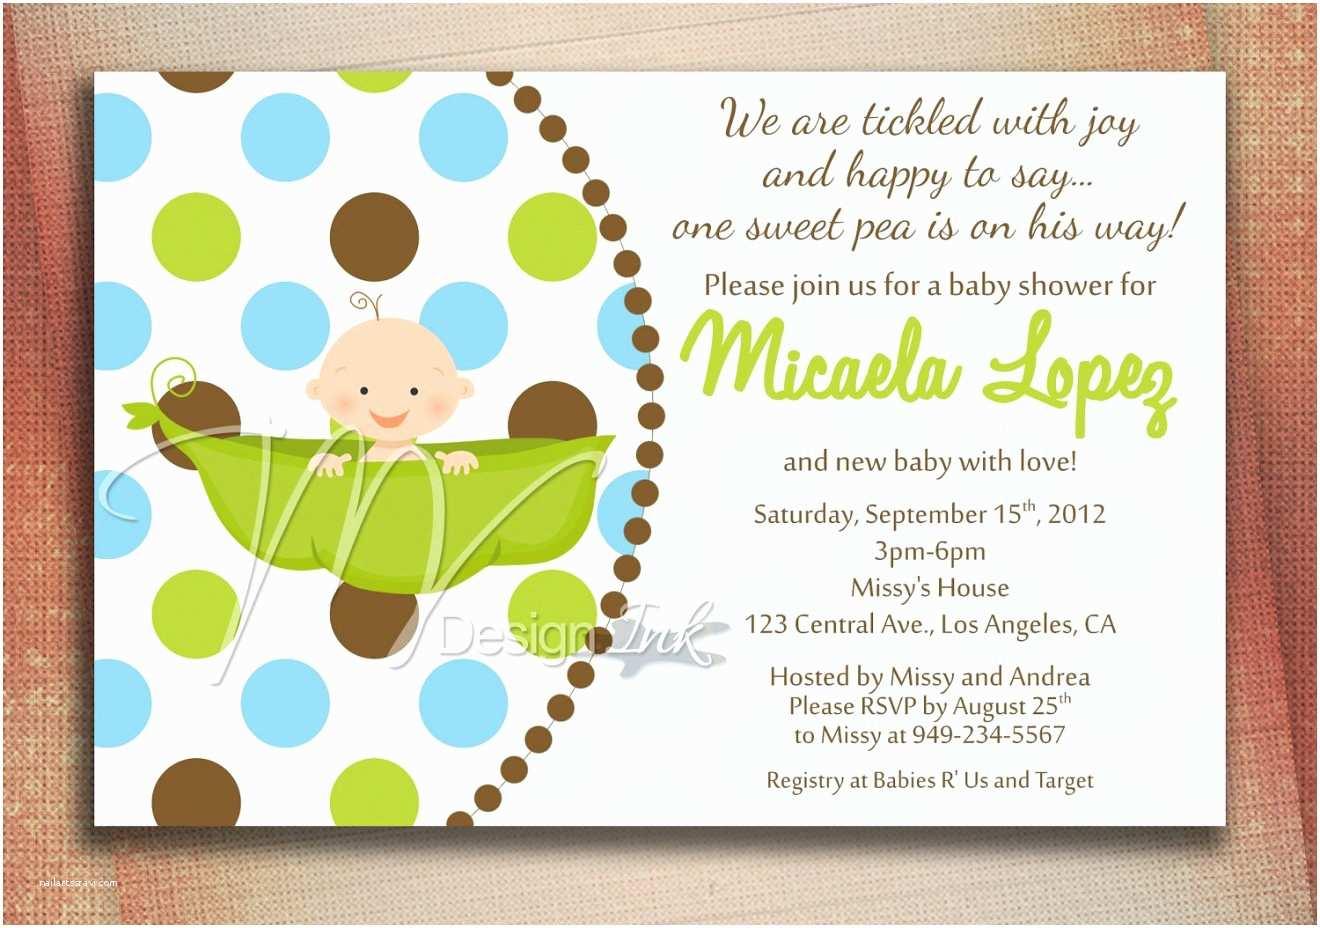 Target Baby Shower Invitations Tar Registry Cards for Baby Shower Invitations Image